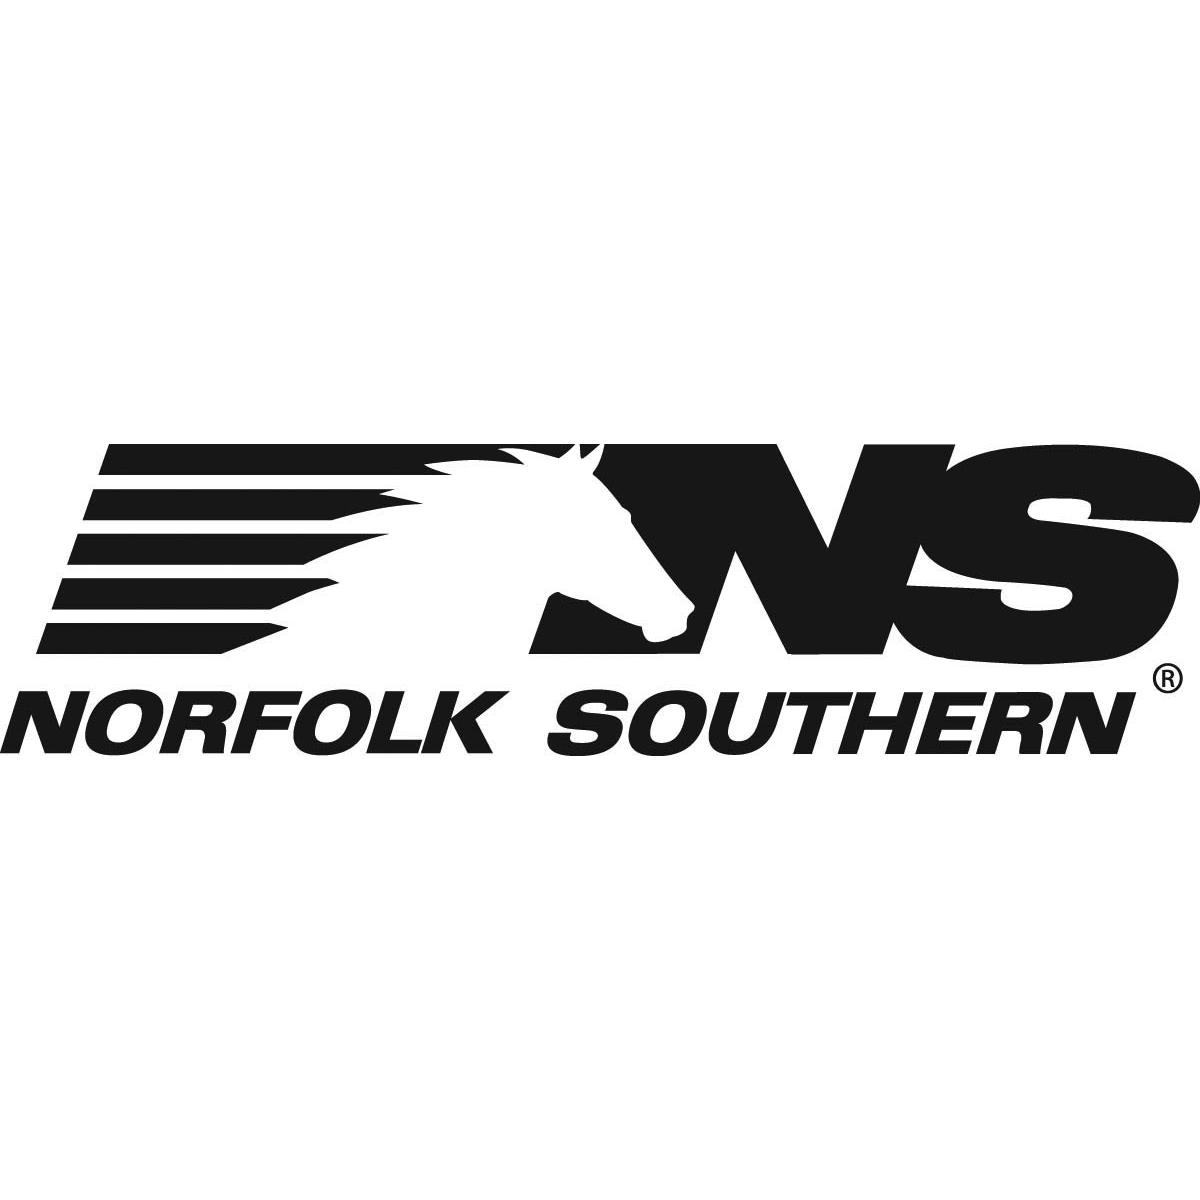 Norfolk southern Logos.